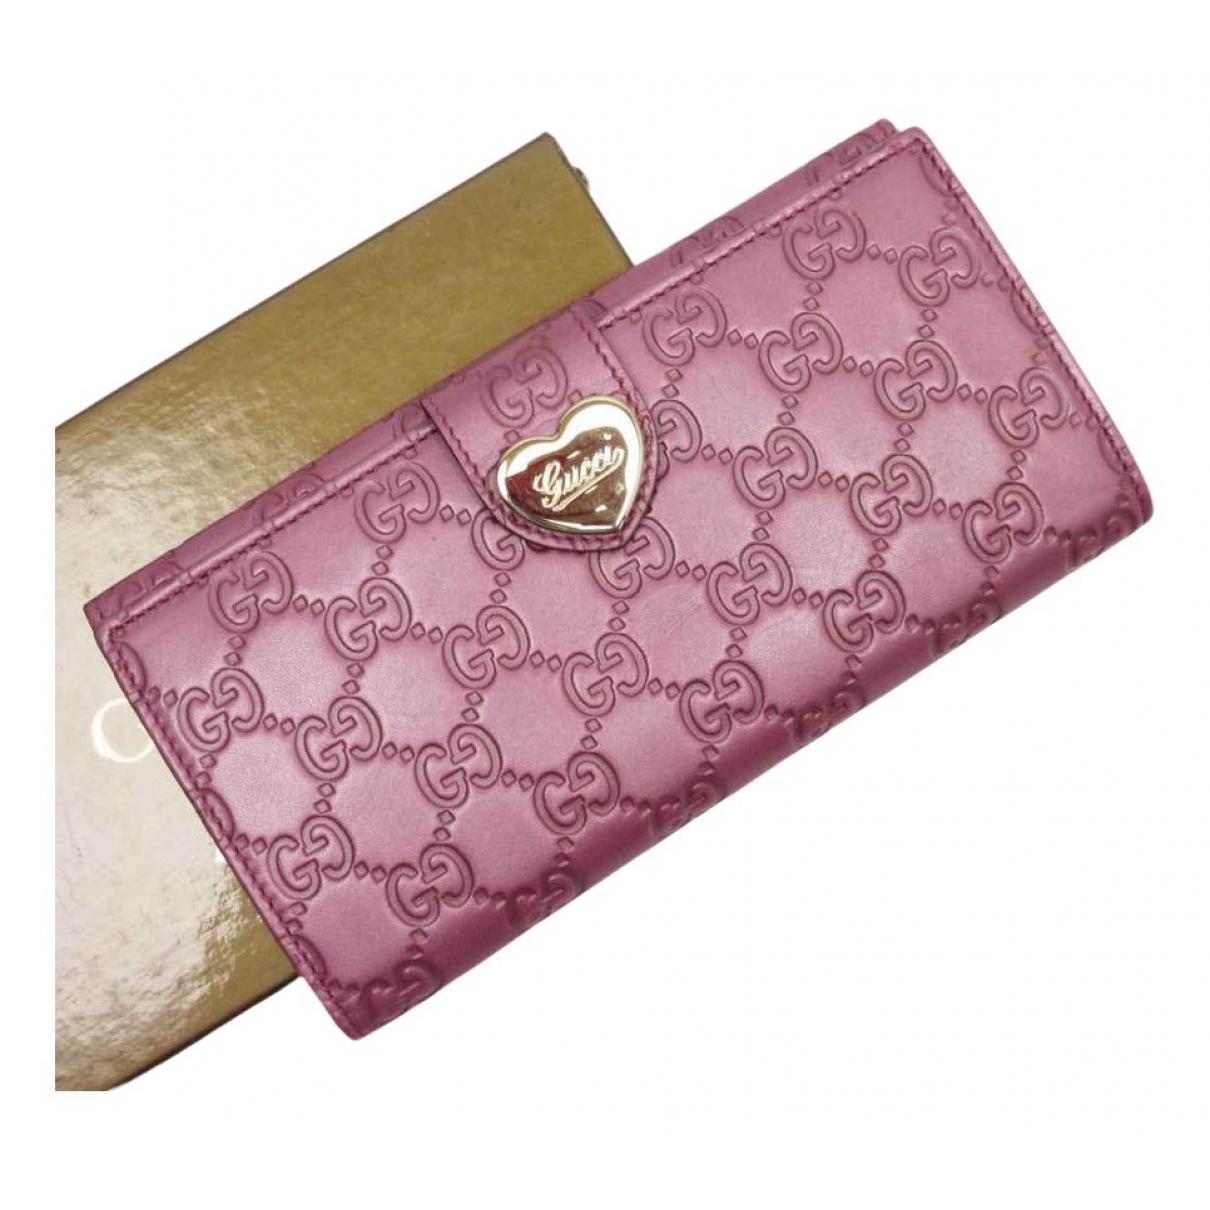 Gucci - Portefeuille   pour femme en cuir - multicolore